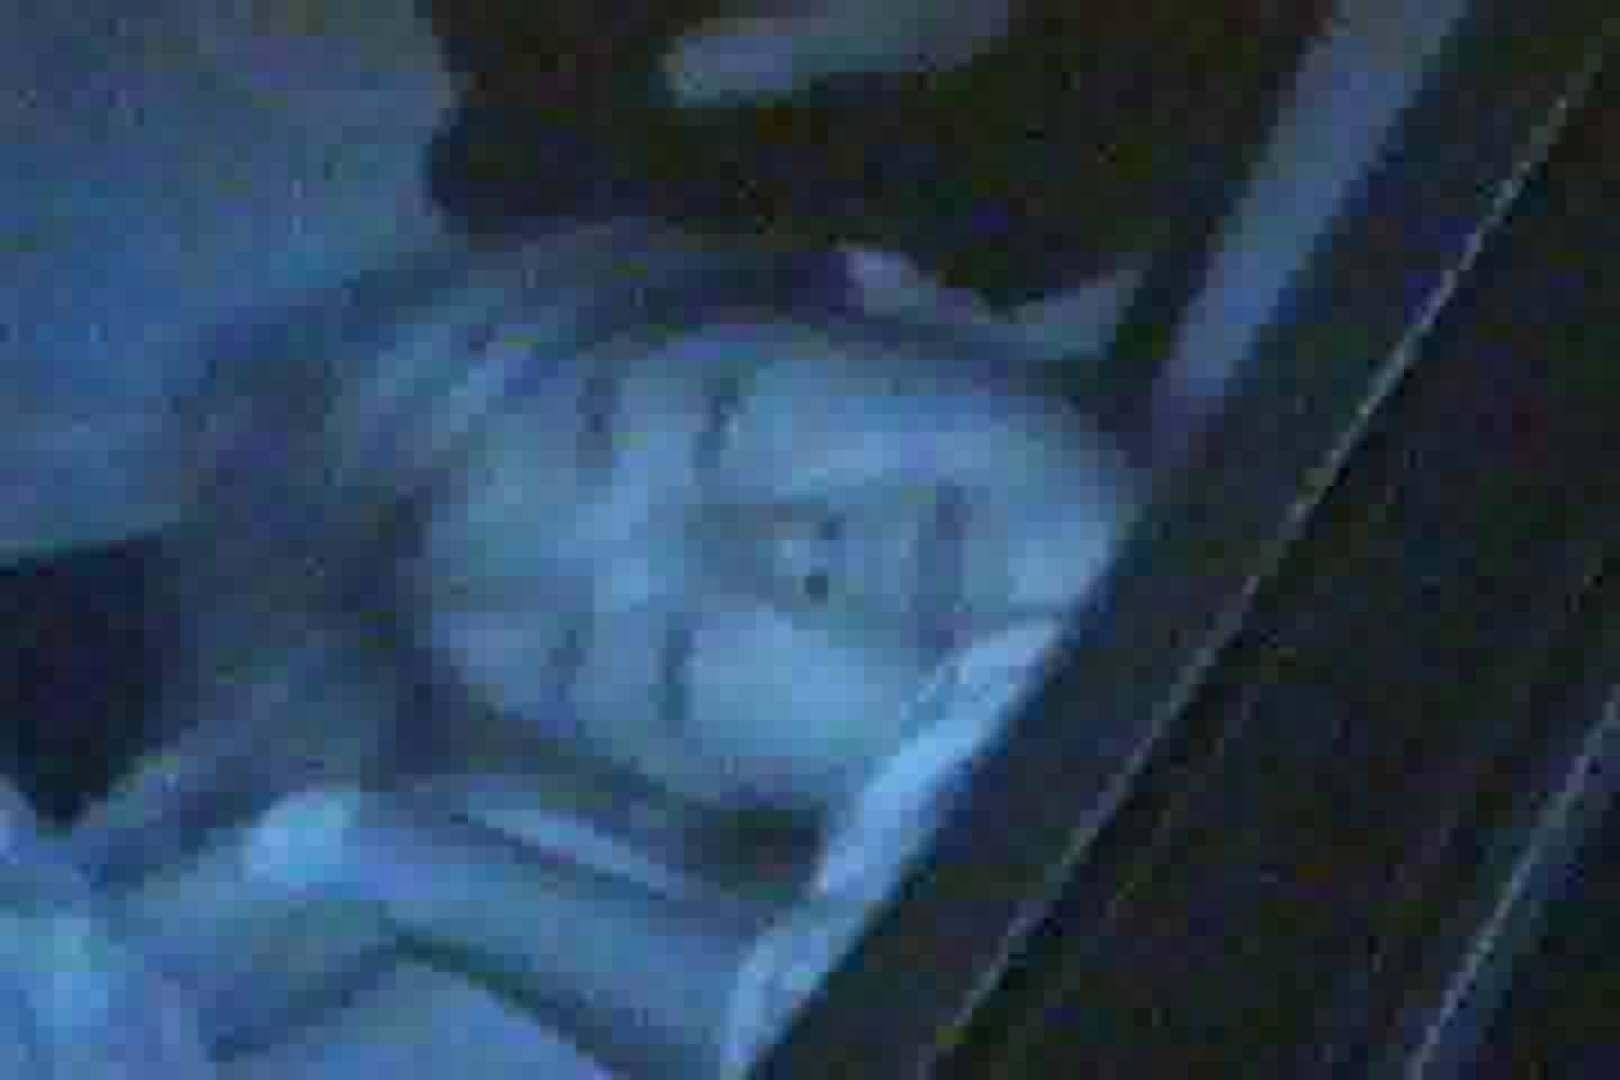 充血監督の深夜の運動会Vol.32 ギャルの実態 盗み撮りSEX無修正画像 24pic 17